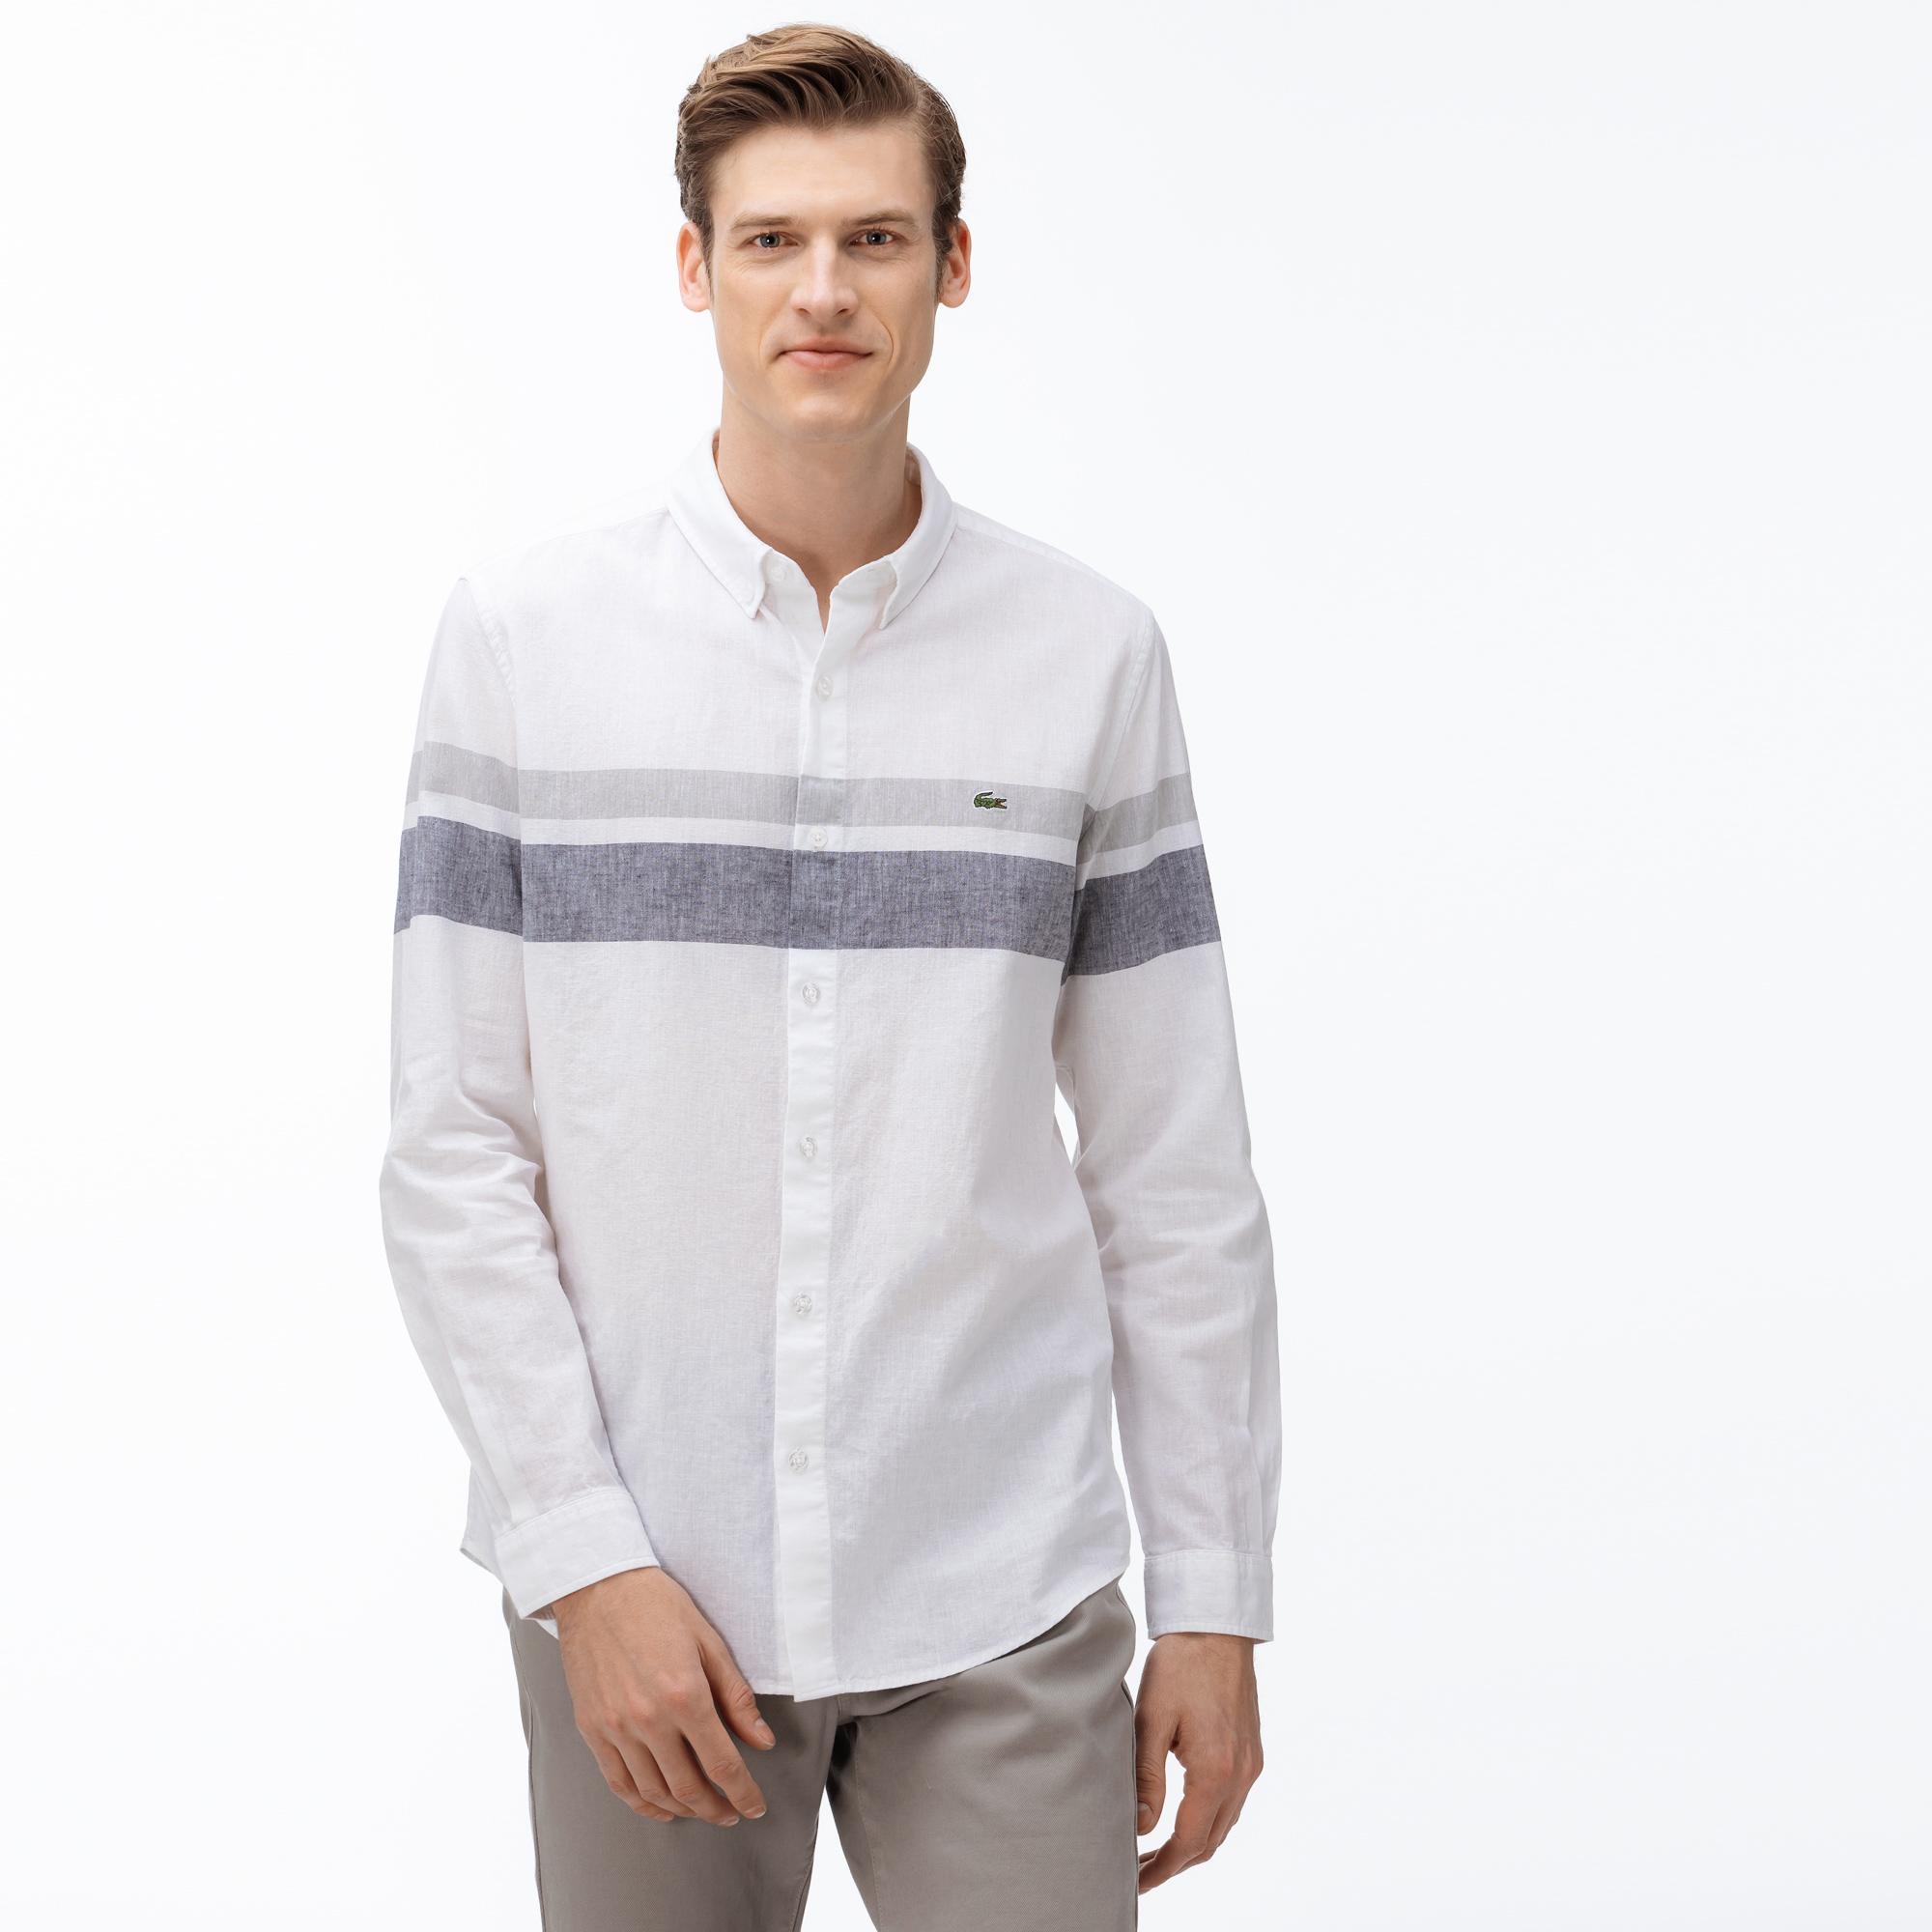 Lacoste Erkek Slim Fit Düğmeli Yaka Blok Desenli Beyaz Gömlek